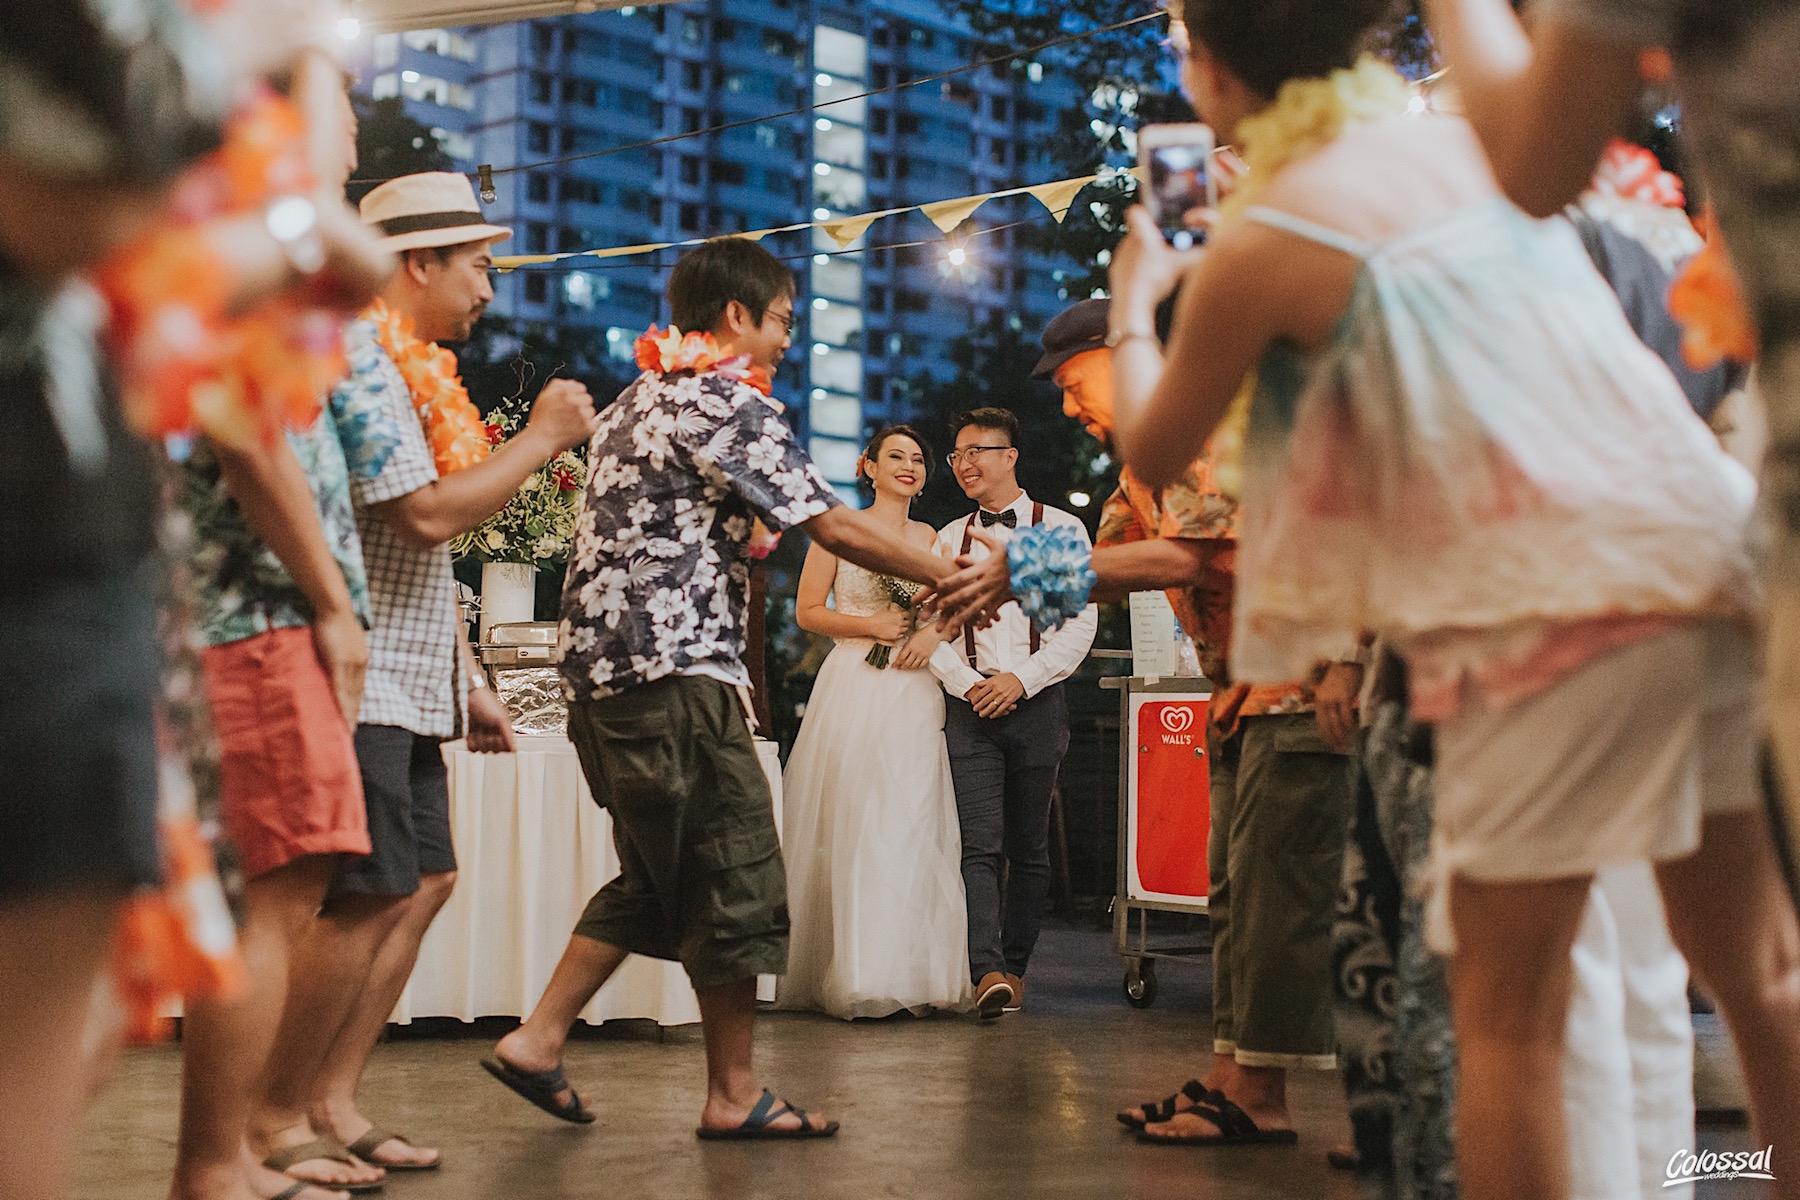 MartinChanel_ColossalWeddings067_WeddingParty.jpg